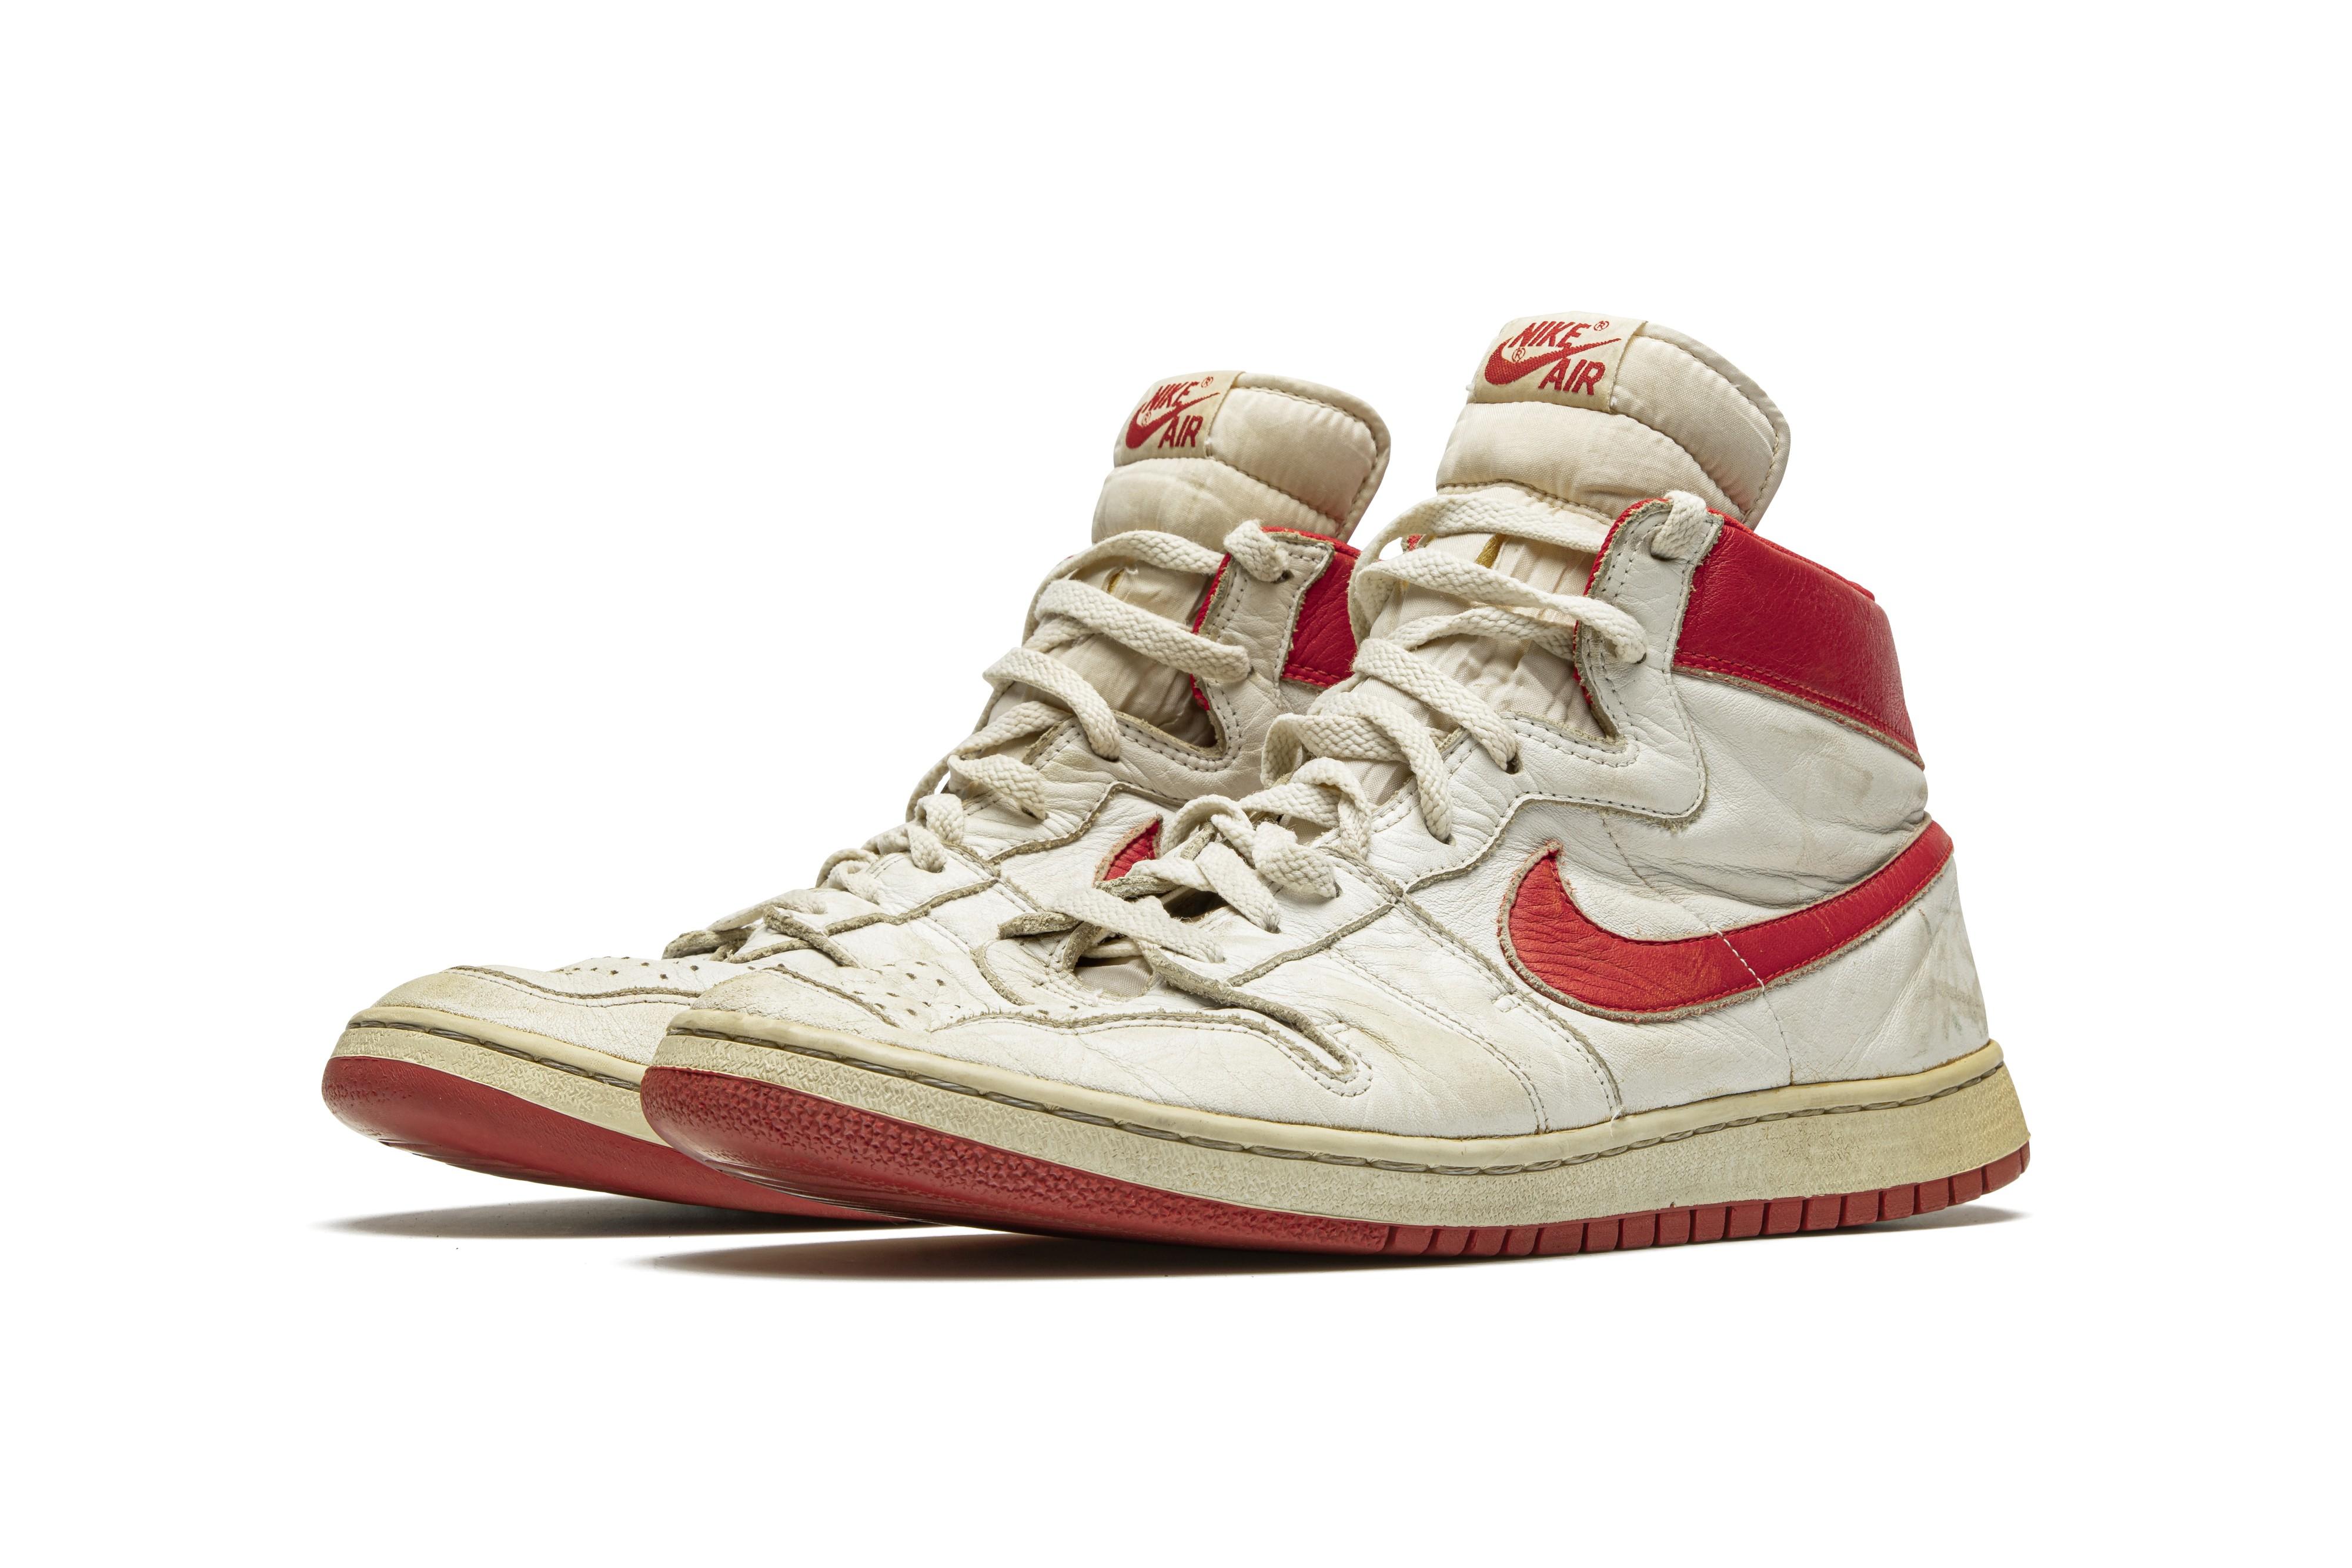 Michael Jordan game-worn sneakers could